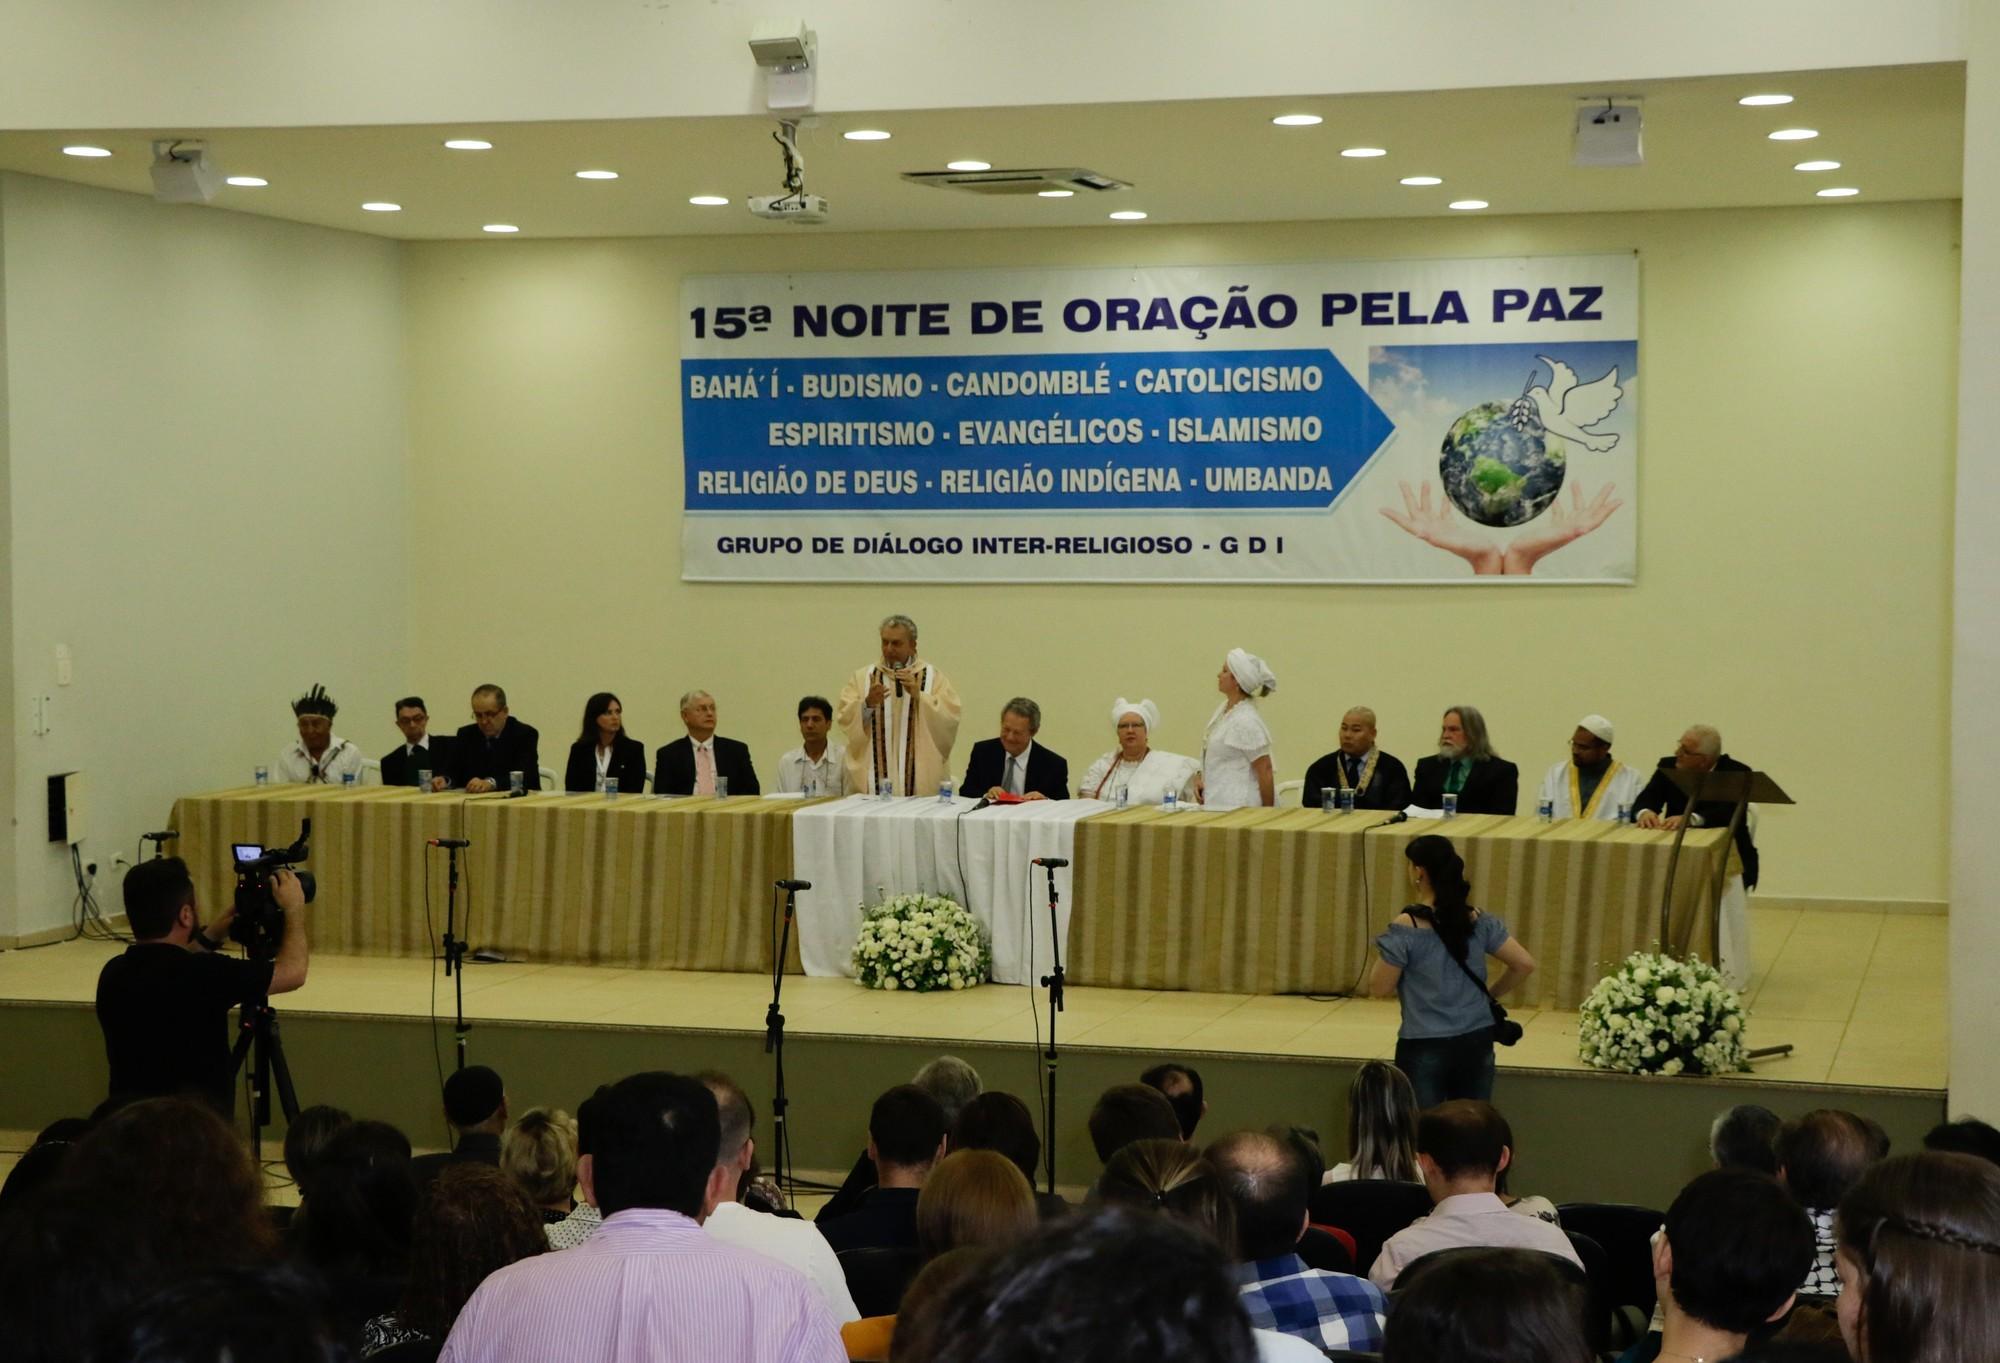 Maringá terá a 16ª Noite de Oração pela Paz com 11 religiões